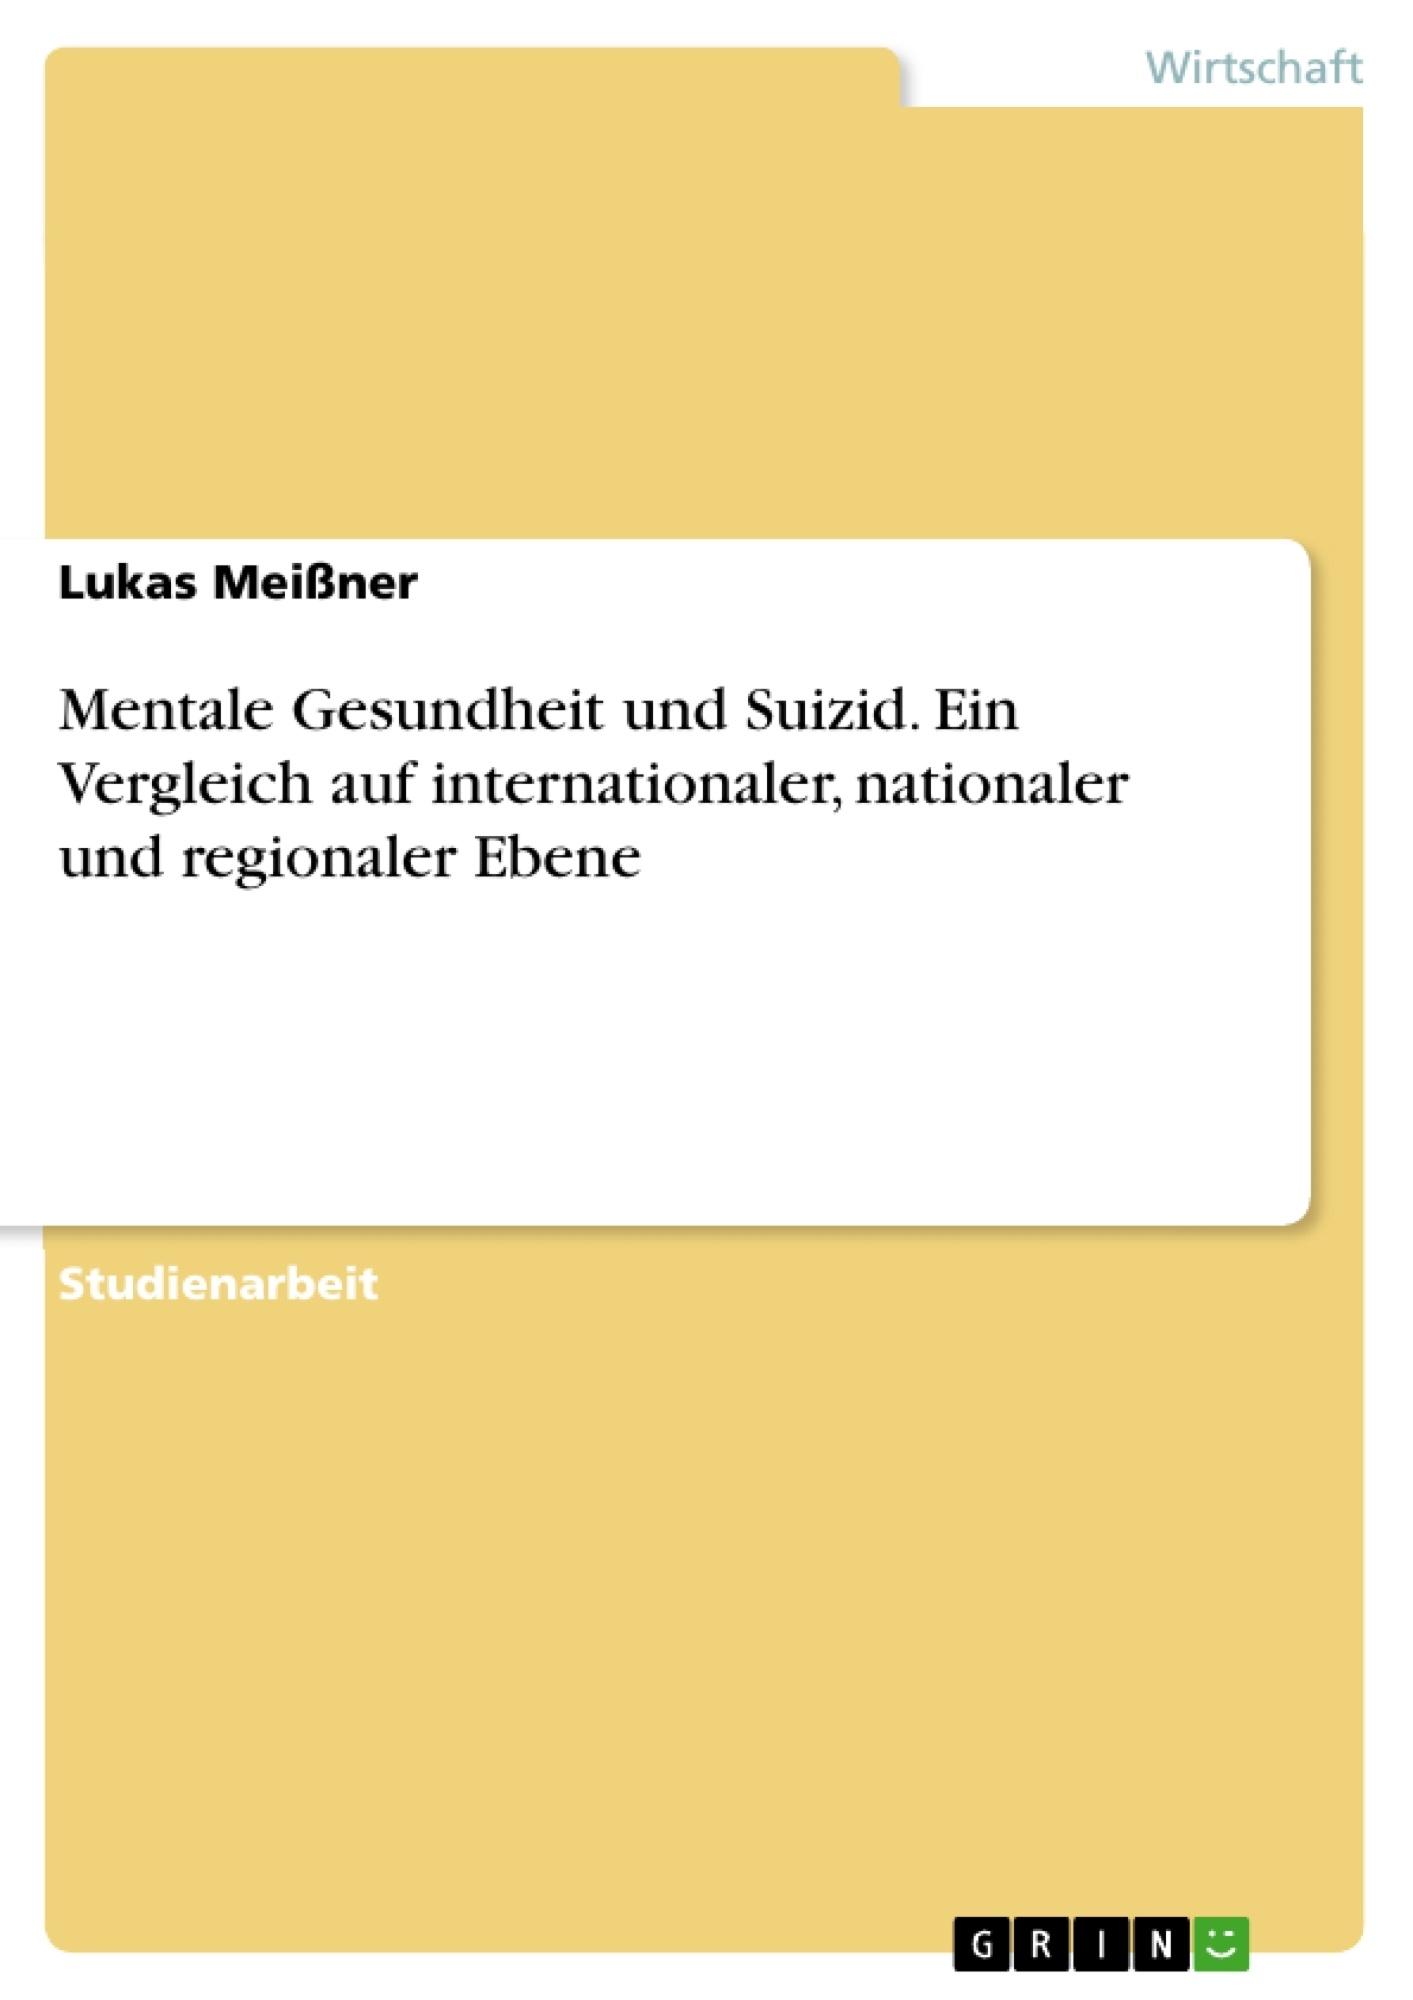 Titel: Mentale Gesundheit und Suizid. Ein Vergleich auf internationaler, nationaler und regionaler Ebene